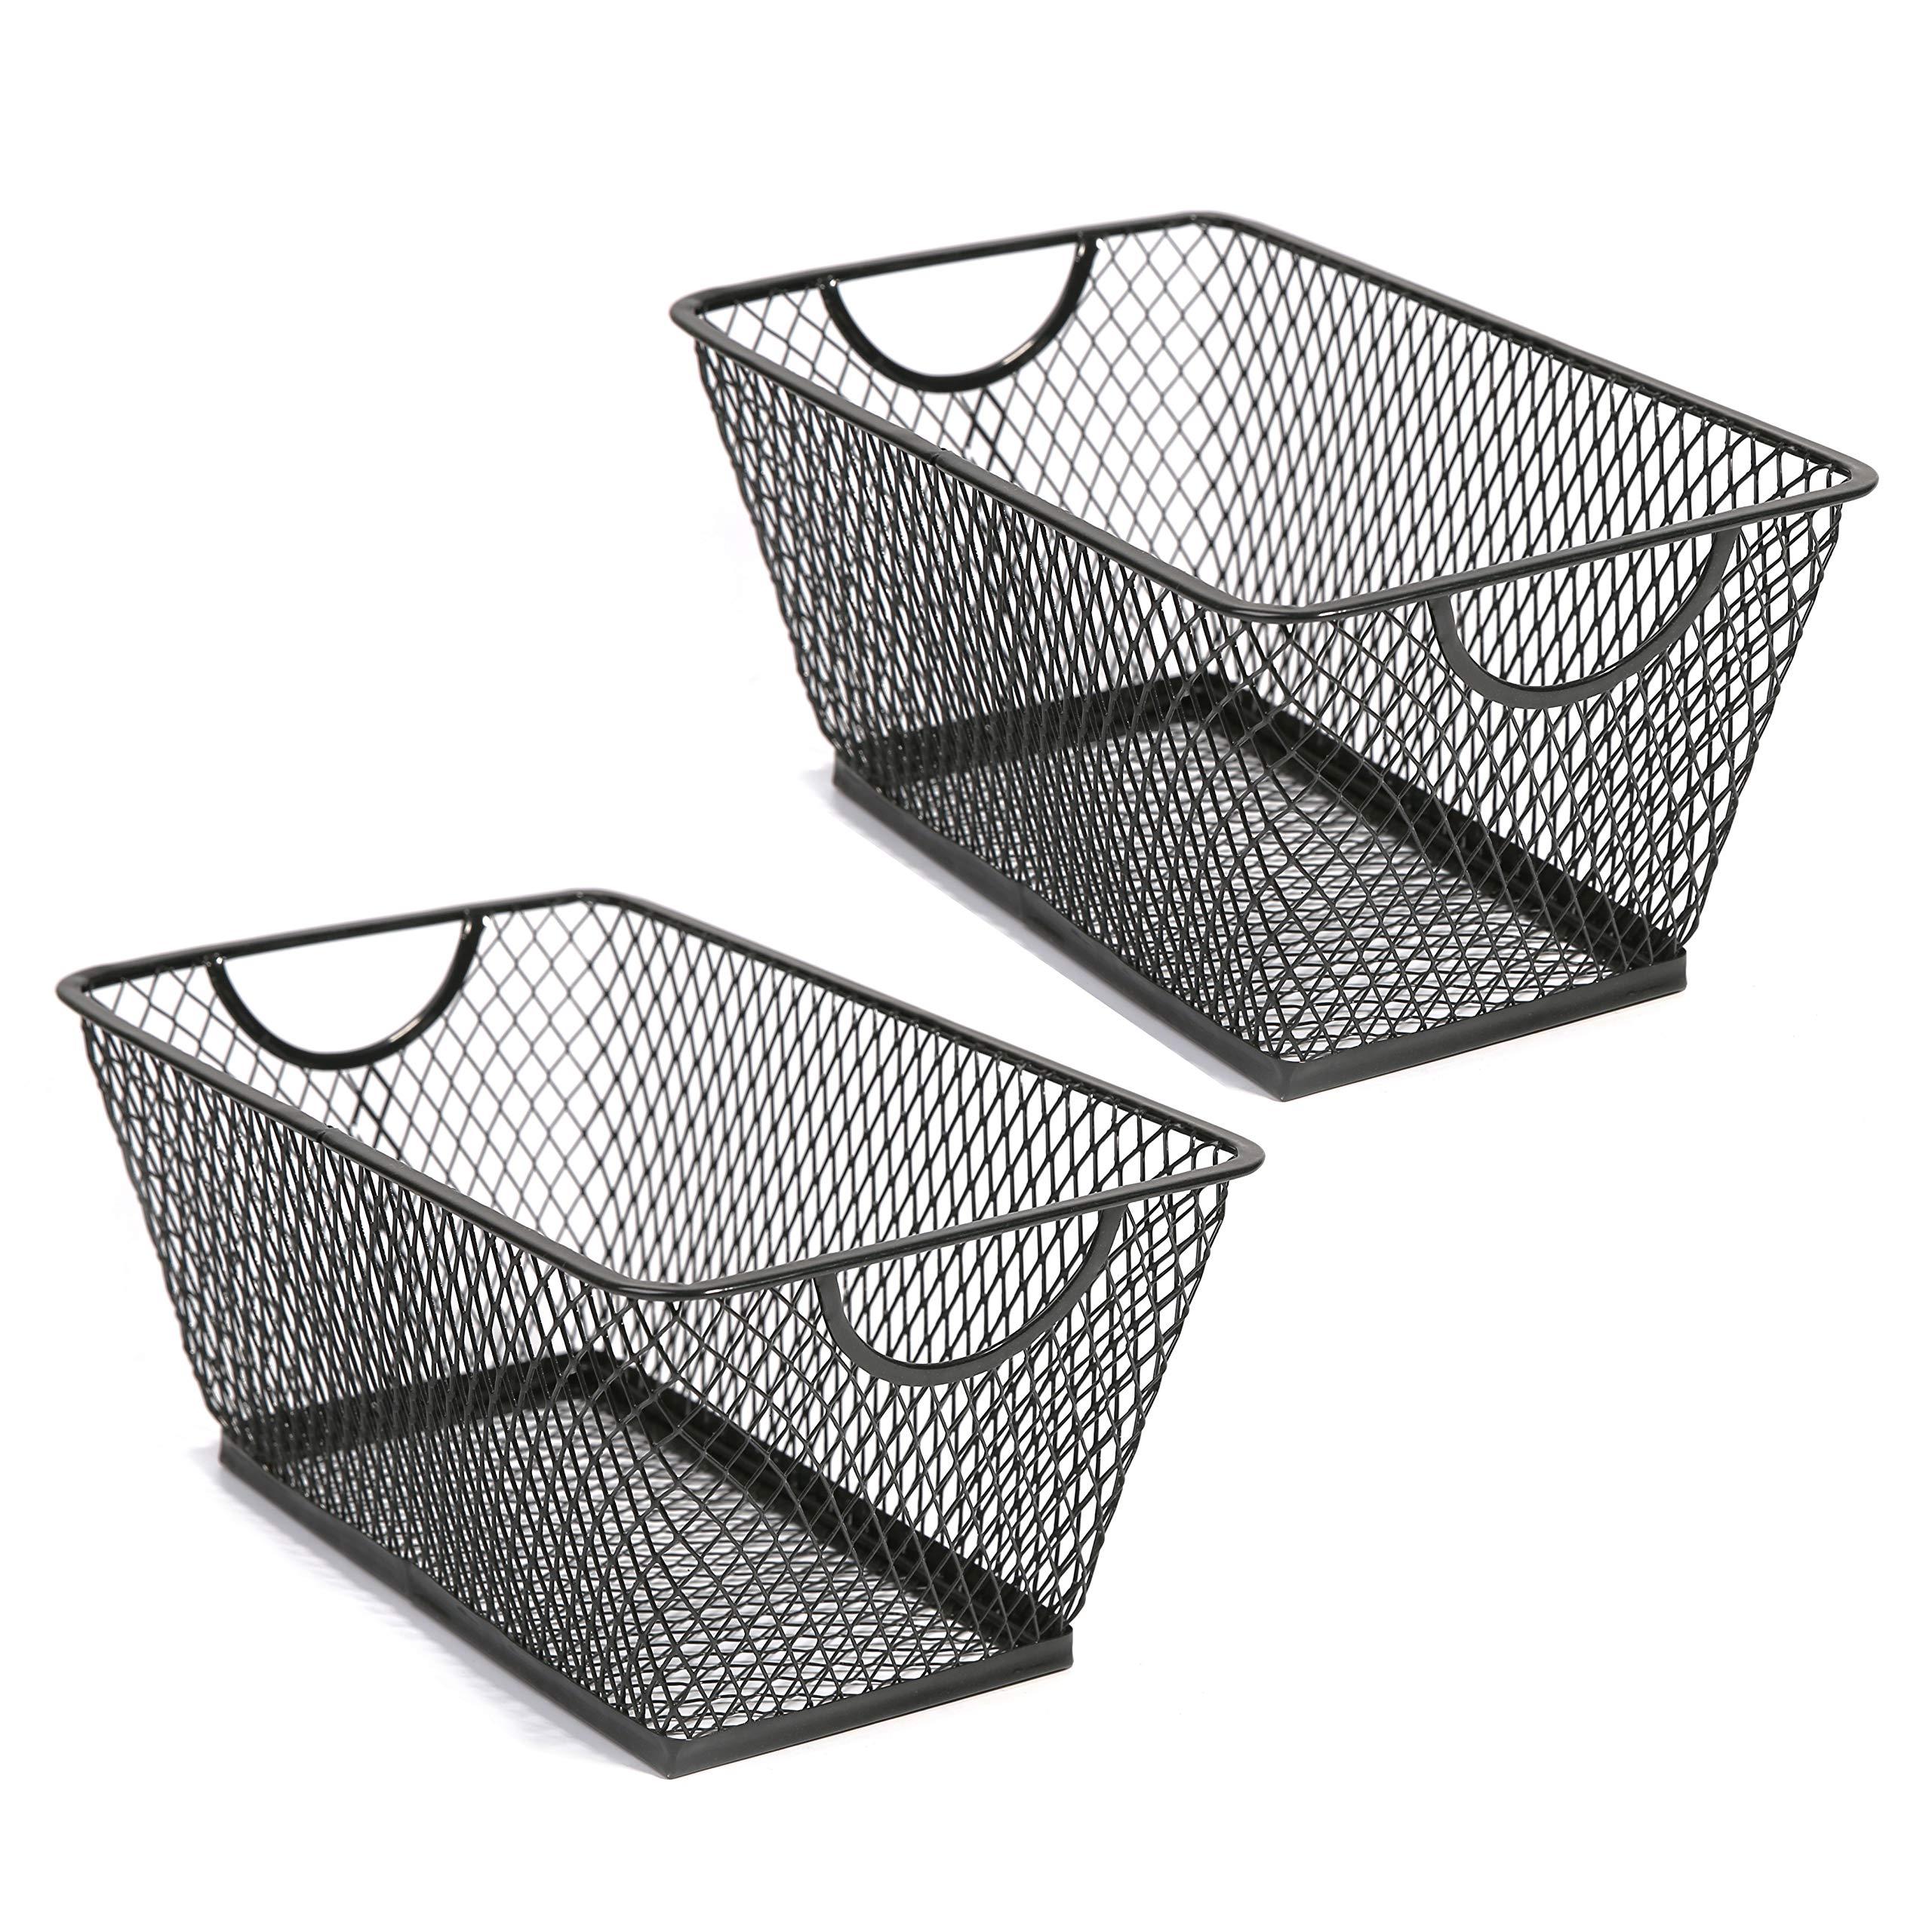 SLPR Office Desktop Organizer Wire Basket (Set of 2, Black) | Classroom Craft Room Kitchen Pantry Garage Desk Stackable Metal Tapered Storage Bin